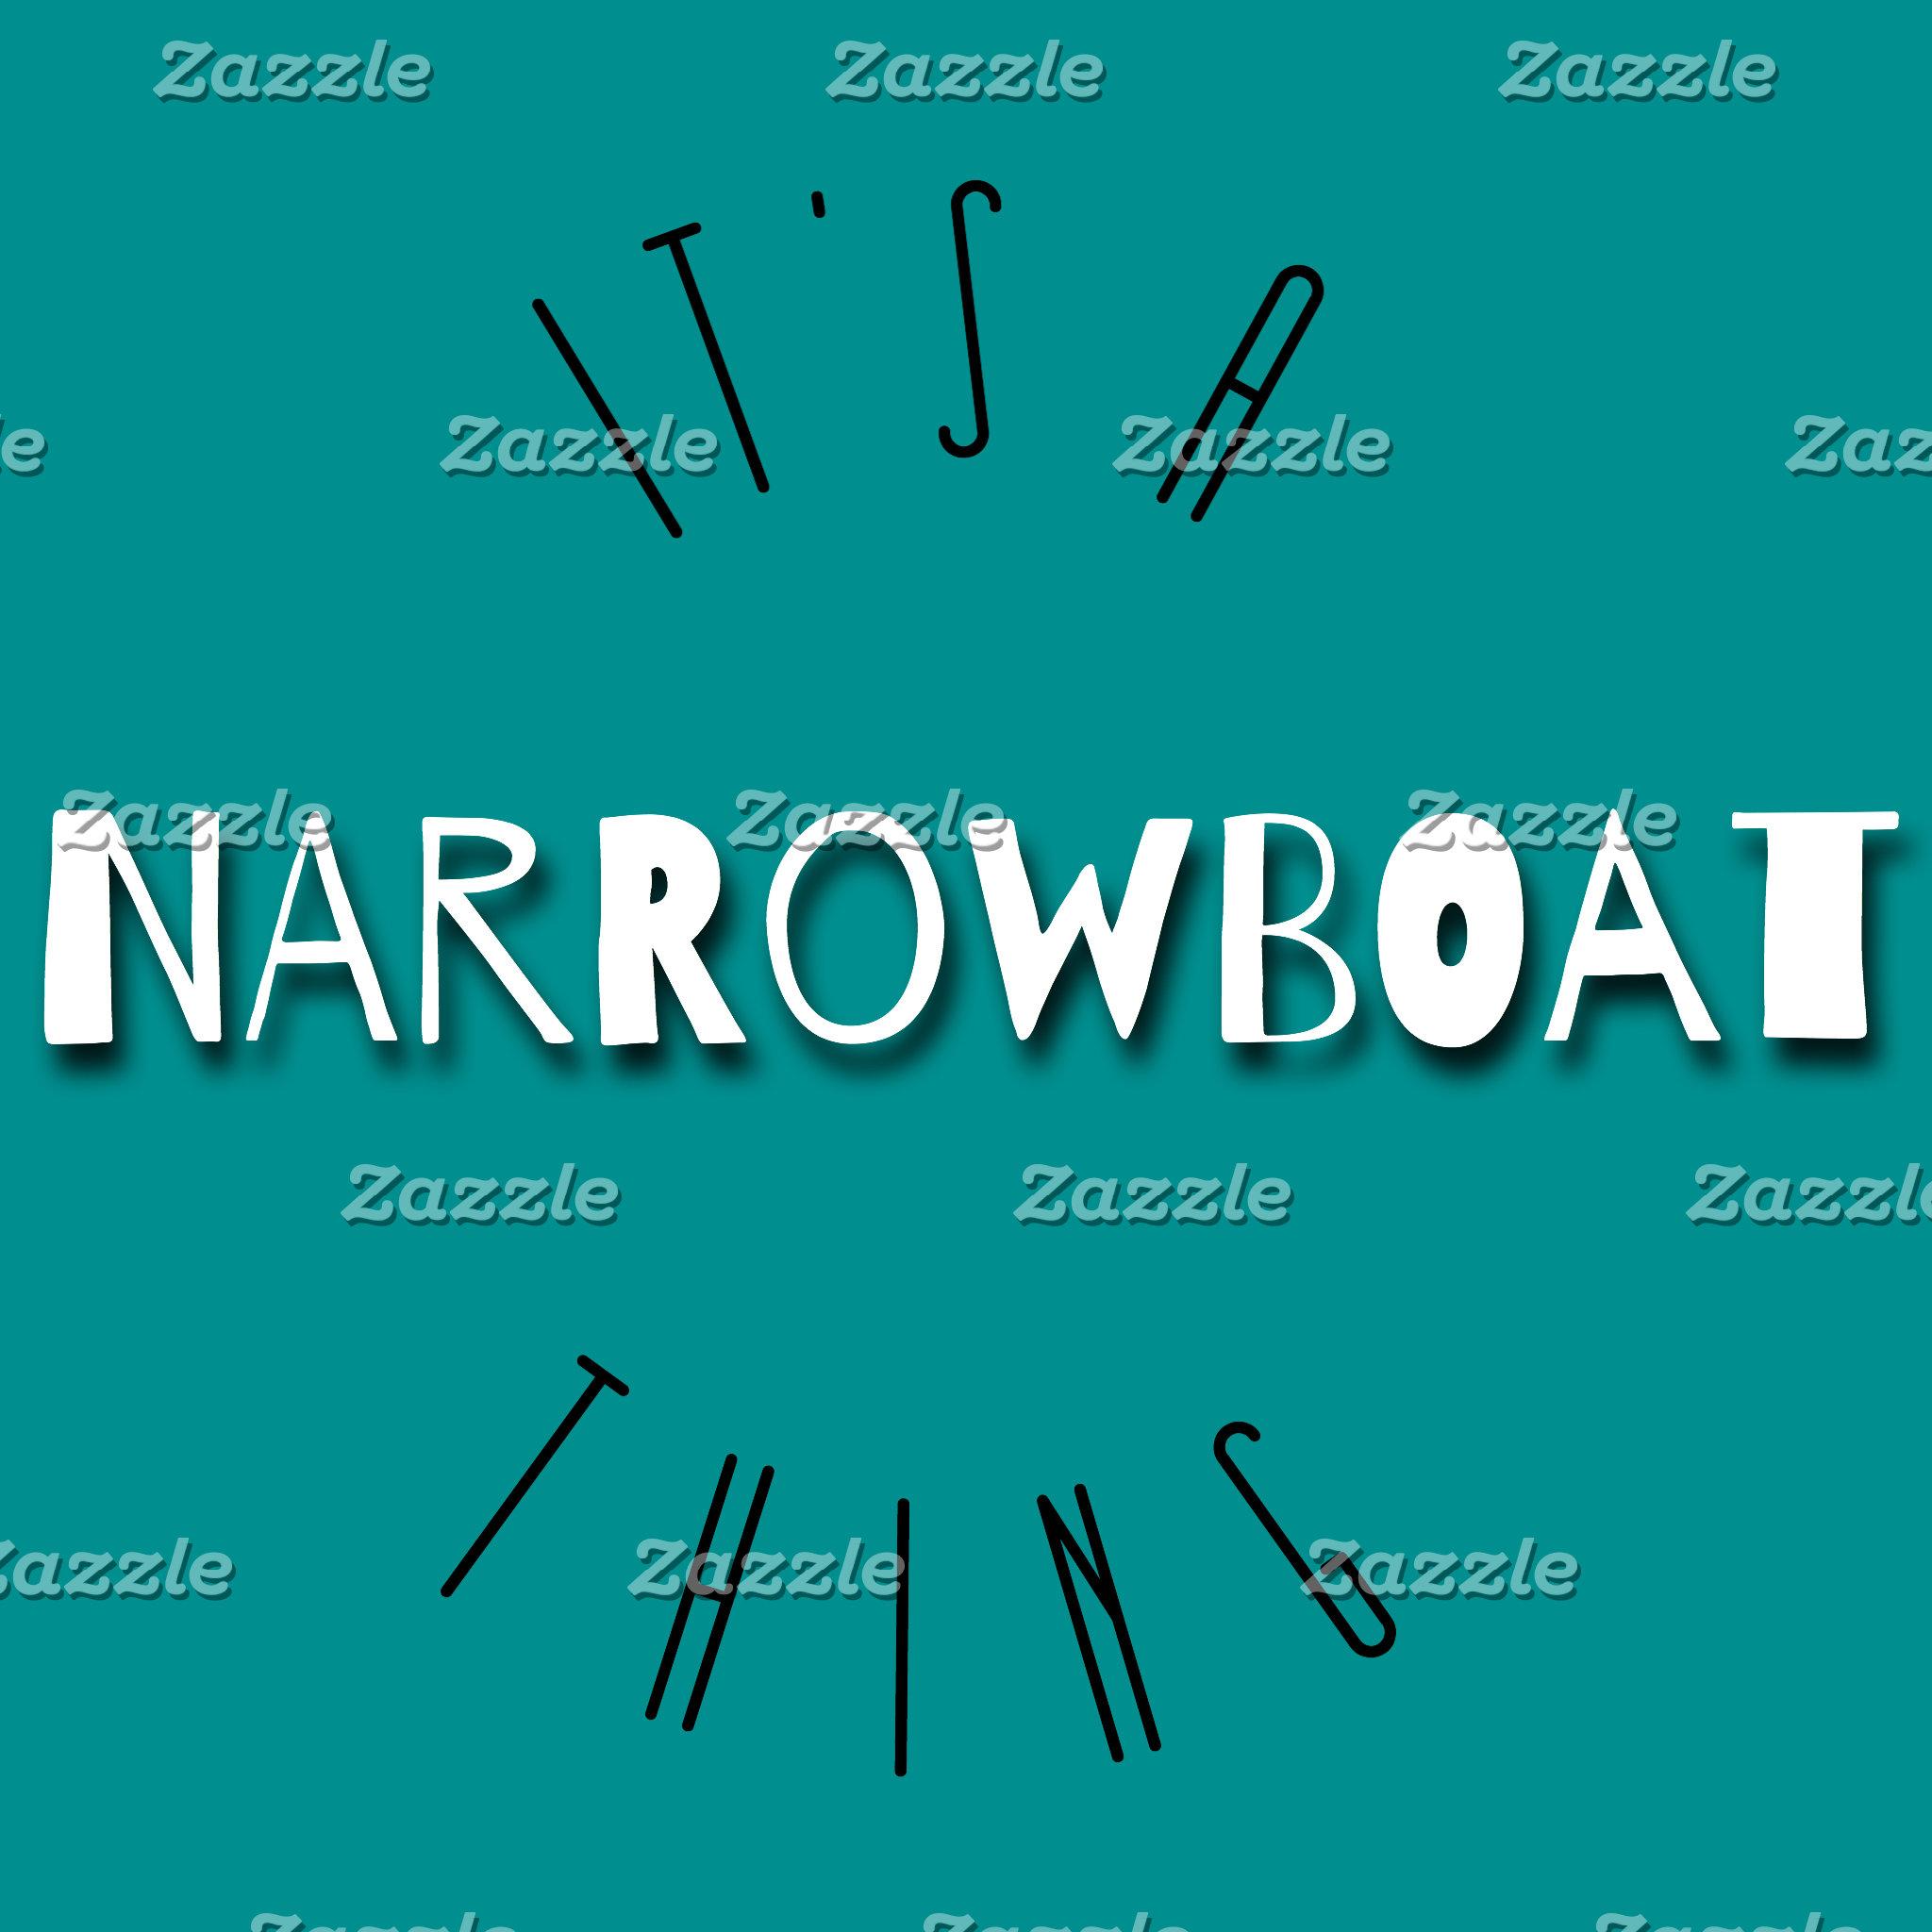 It's a Narrowboat Thing